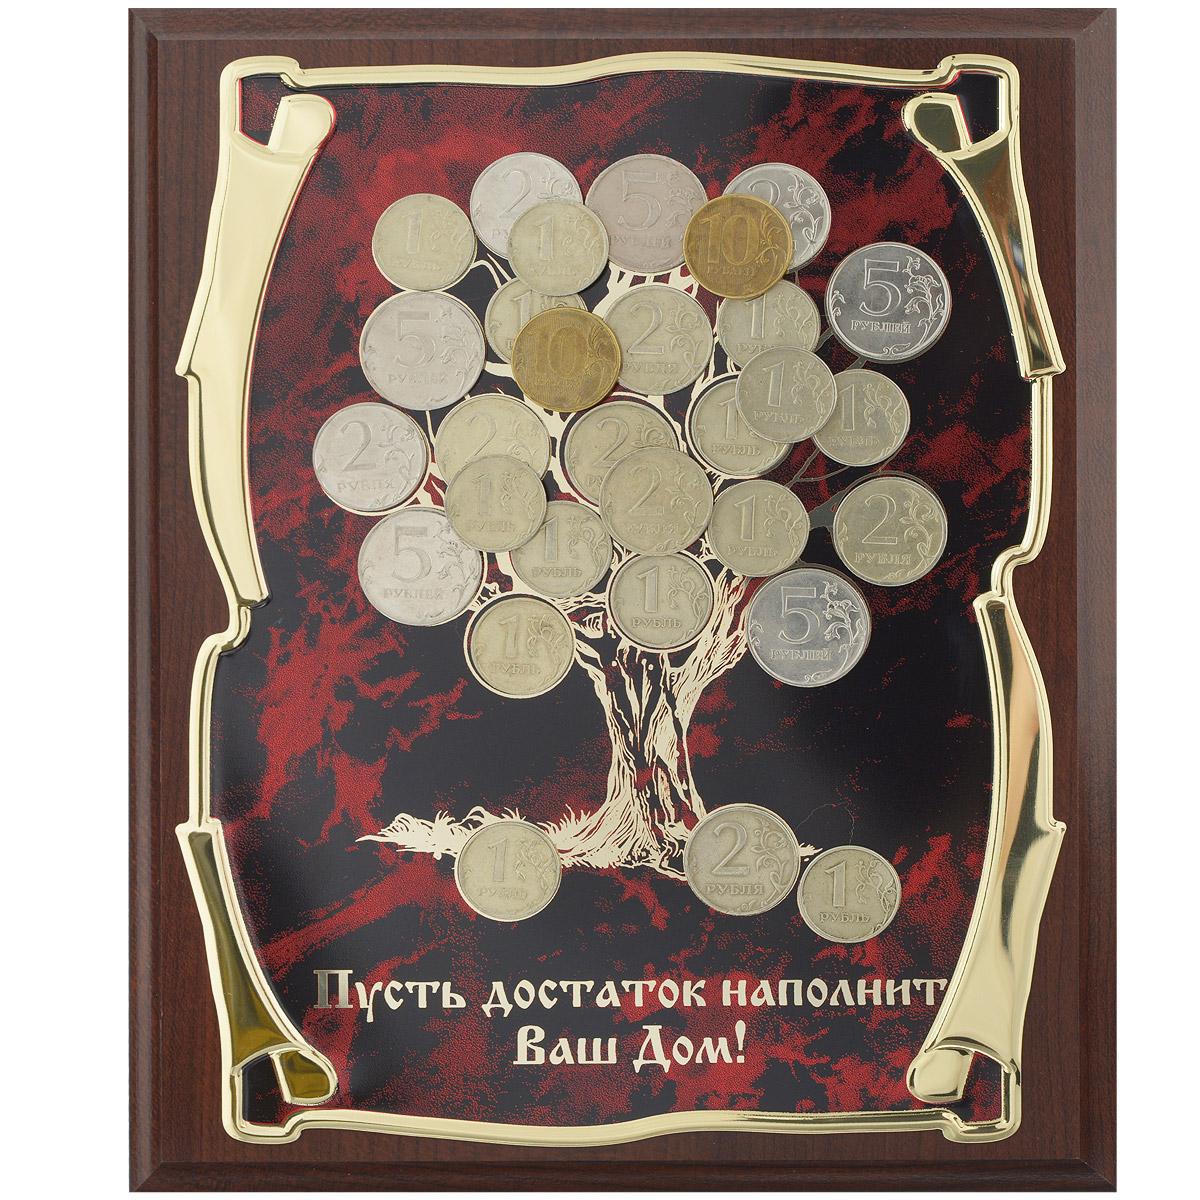 Панно Денежное дерево, 20,5 см х 25,5 см. 60301002RG-D31SПанно Денежное дерево - замечательный сувенир и прекрасный элемент декора. Прямоугольное основание изделия выполнено из МДФ темно-коричневого цвета. По центру размещена металлическая пластина из латунированной стали с изображением дерева, декорированного настоящими монетами. Ниже расположена надпись Пусть достаток наполнит Ваш Дом!. Технология нанесения текста - лазерная гравировка. С задней стороны имеются отверстия для размещения на стене. Панно упаковано в изысканную подарочную коробку, закрывающуюся на замочек. Внутренняя поверхность коробки задрапирована атласной тканью светлых тонов.